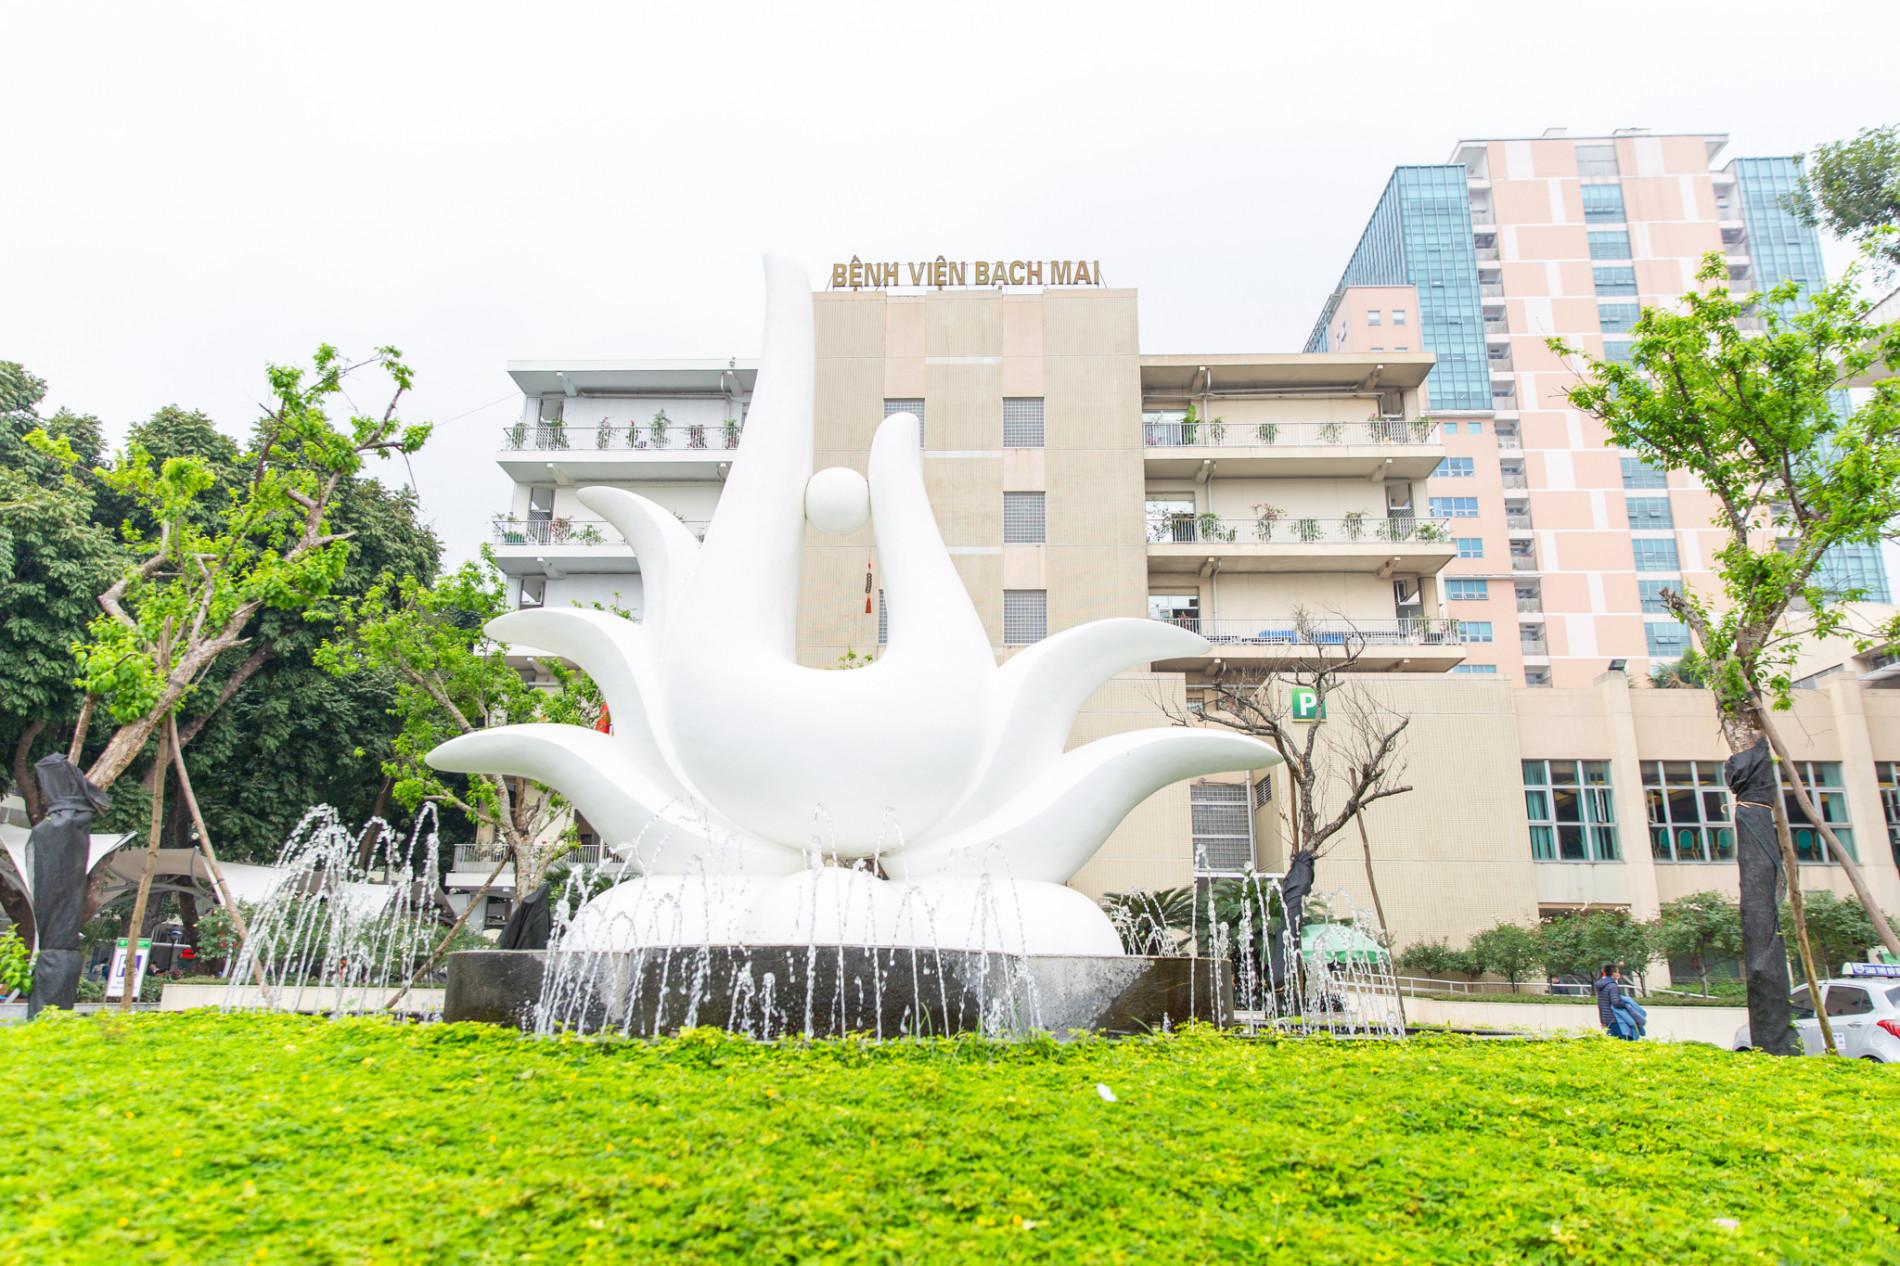 Lãnh đạo Bệnh viện Bạch Mai: Dịch vụ đang tốt dần lên nhưng tất cả búa rìu đều Giáo sư Nguyễn Quang Tuấn phải chịu - Ảnh 1.